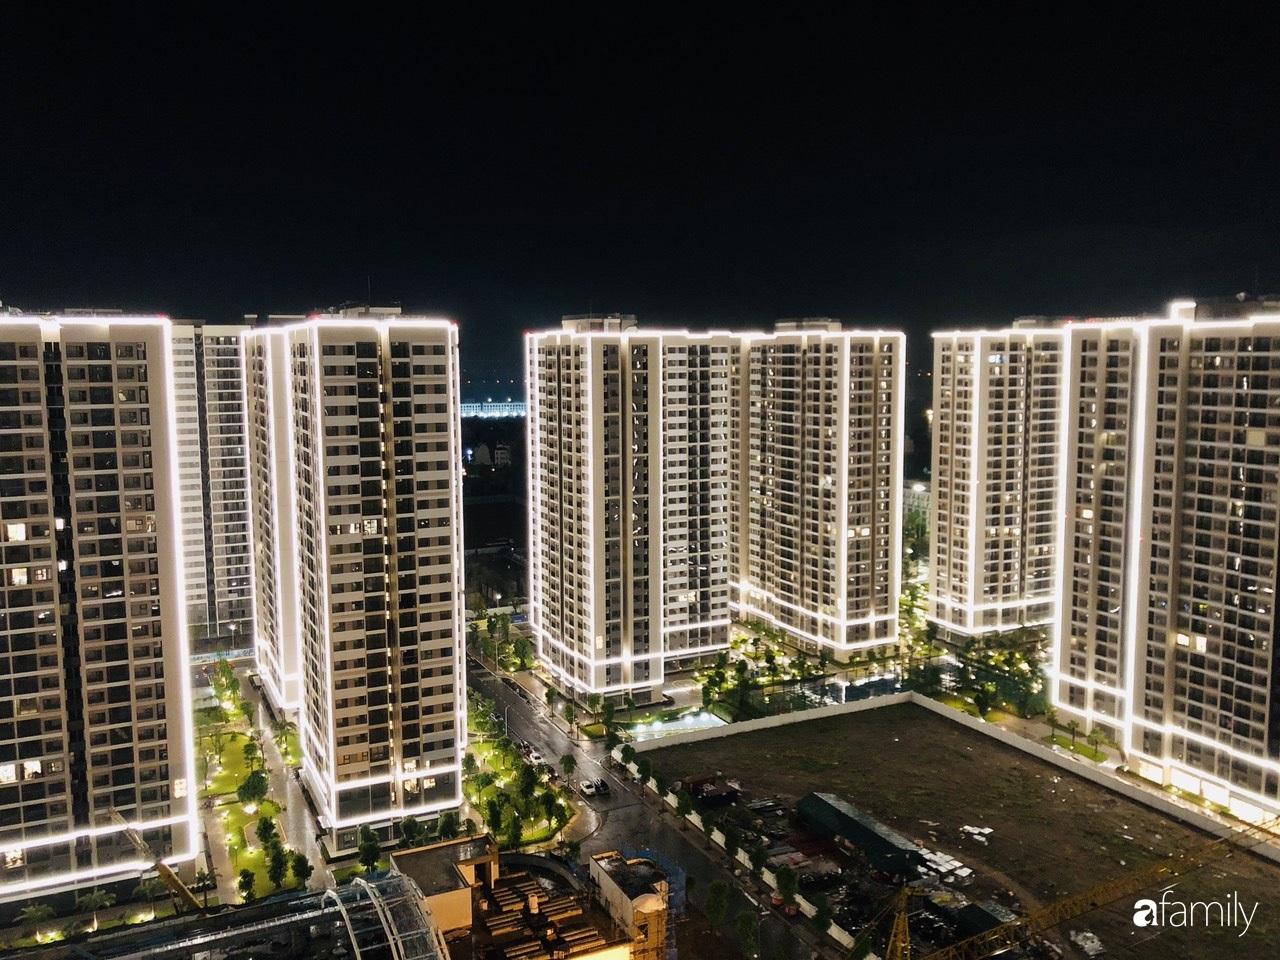 Căn hộ 46m² đẹp tươi tắn với sắc xanh mùa hè có chi phí hoàn thiện 70 triệu đồng của chàng sinh viên Hà Nội - Ảnh 8.